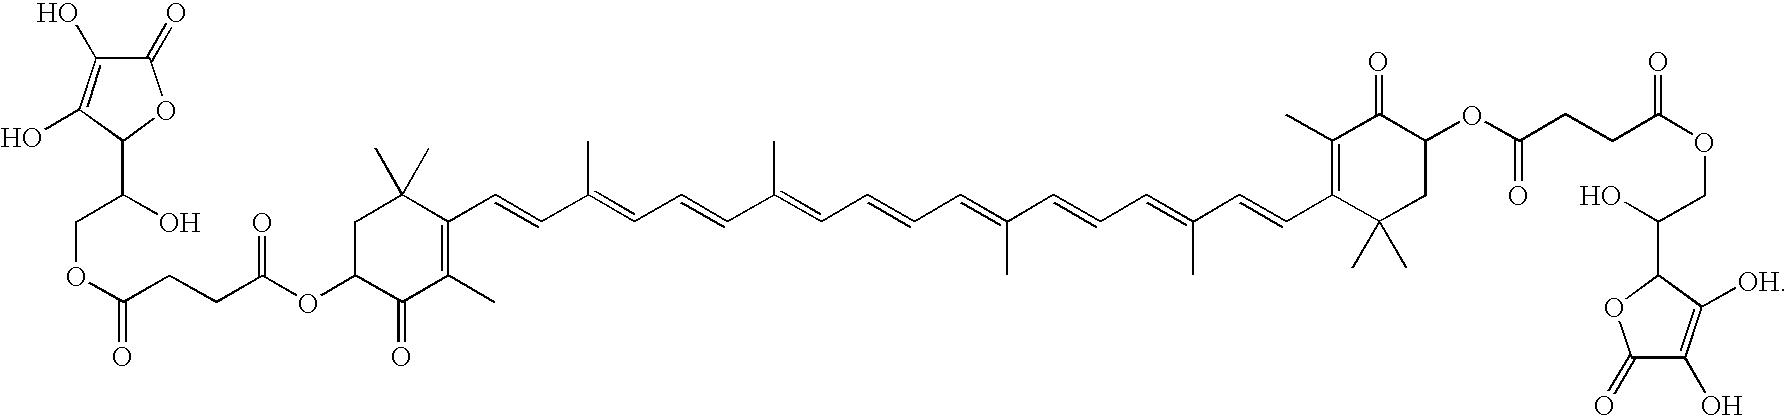 Figure US07723327-20100525-C00099